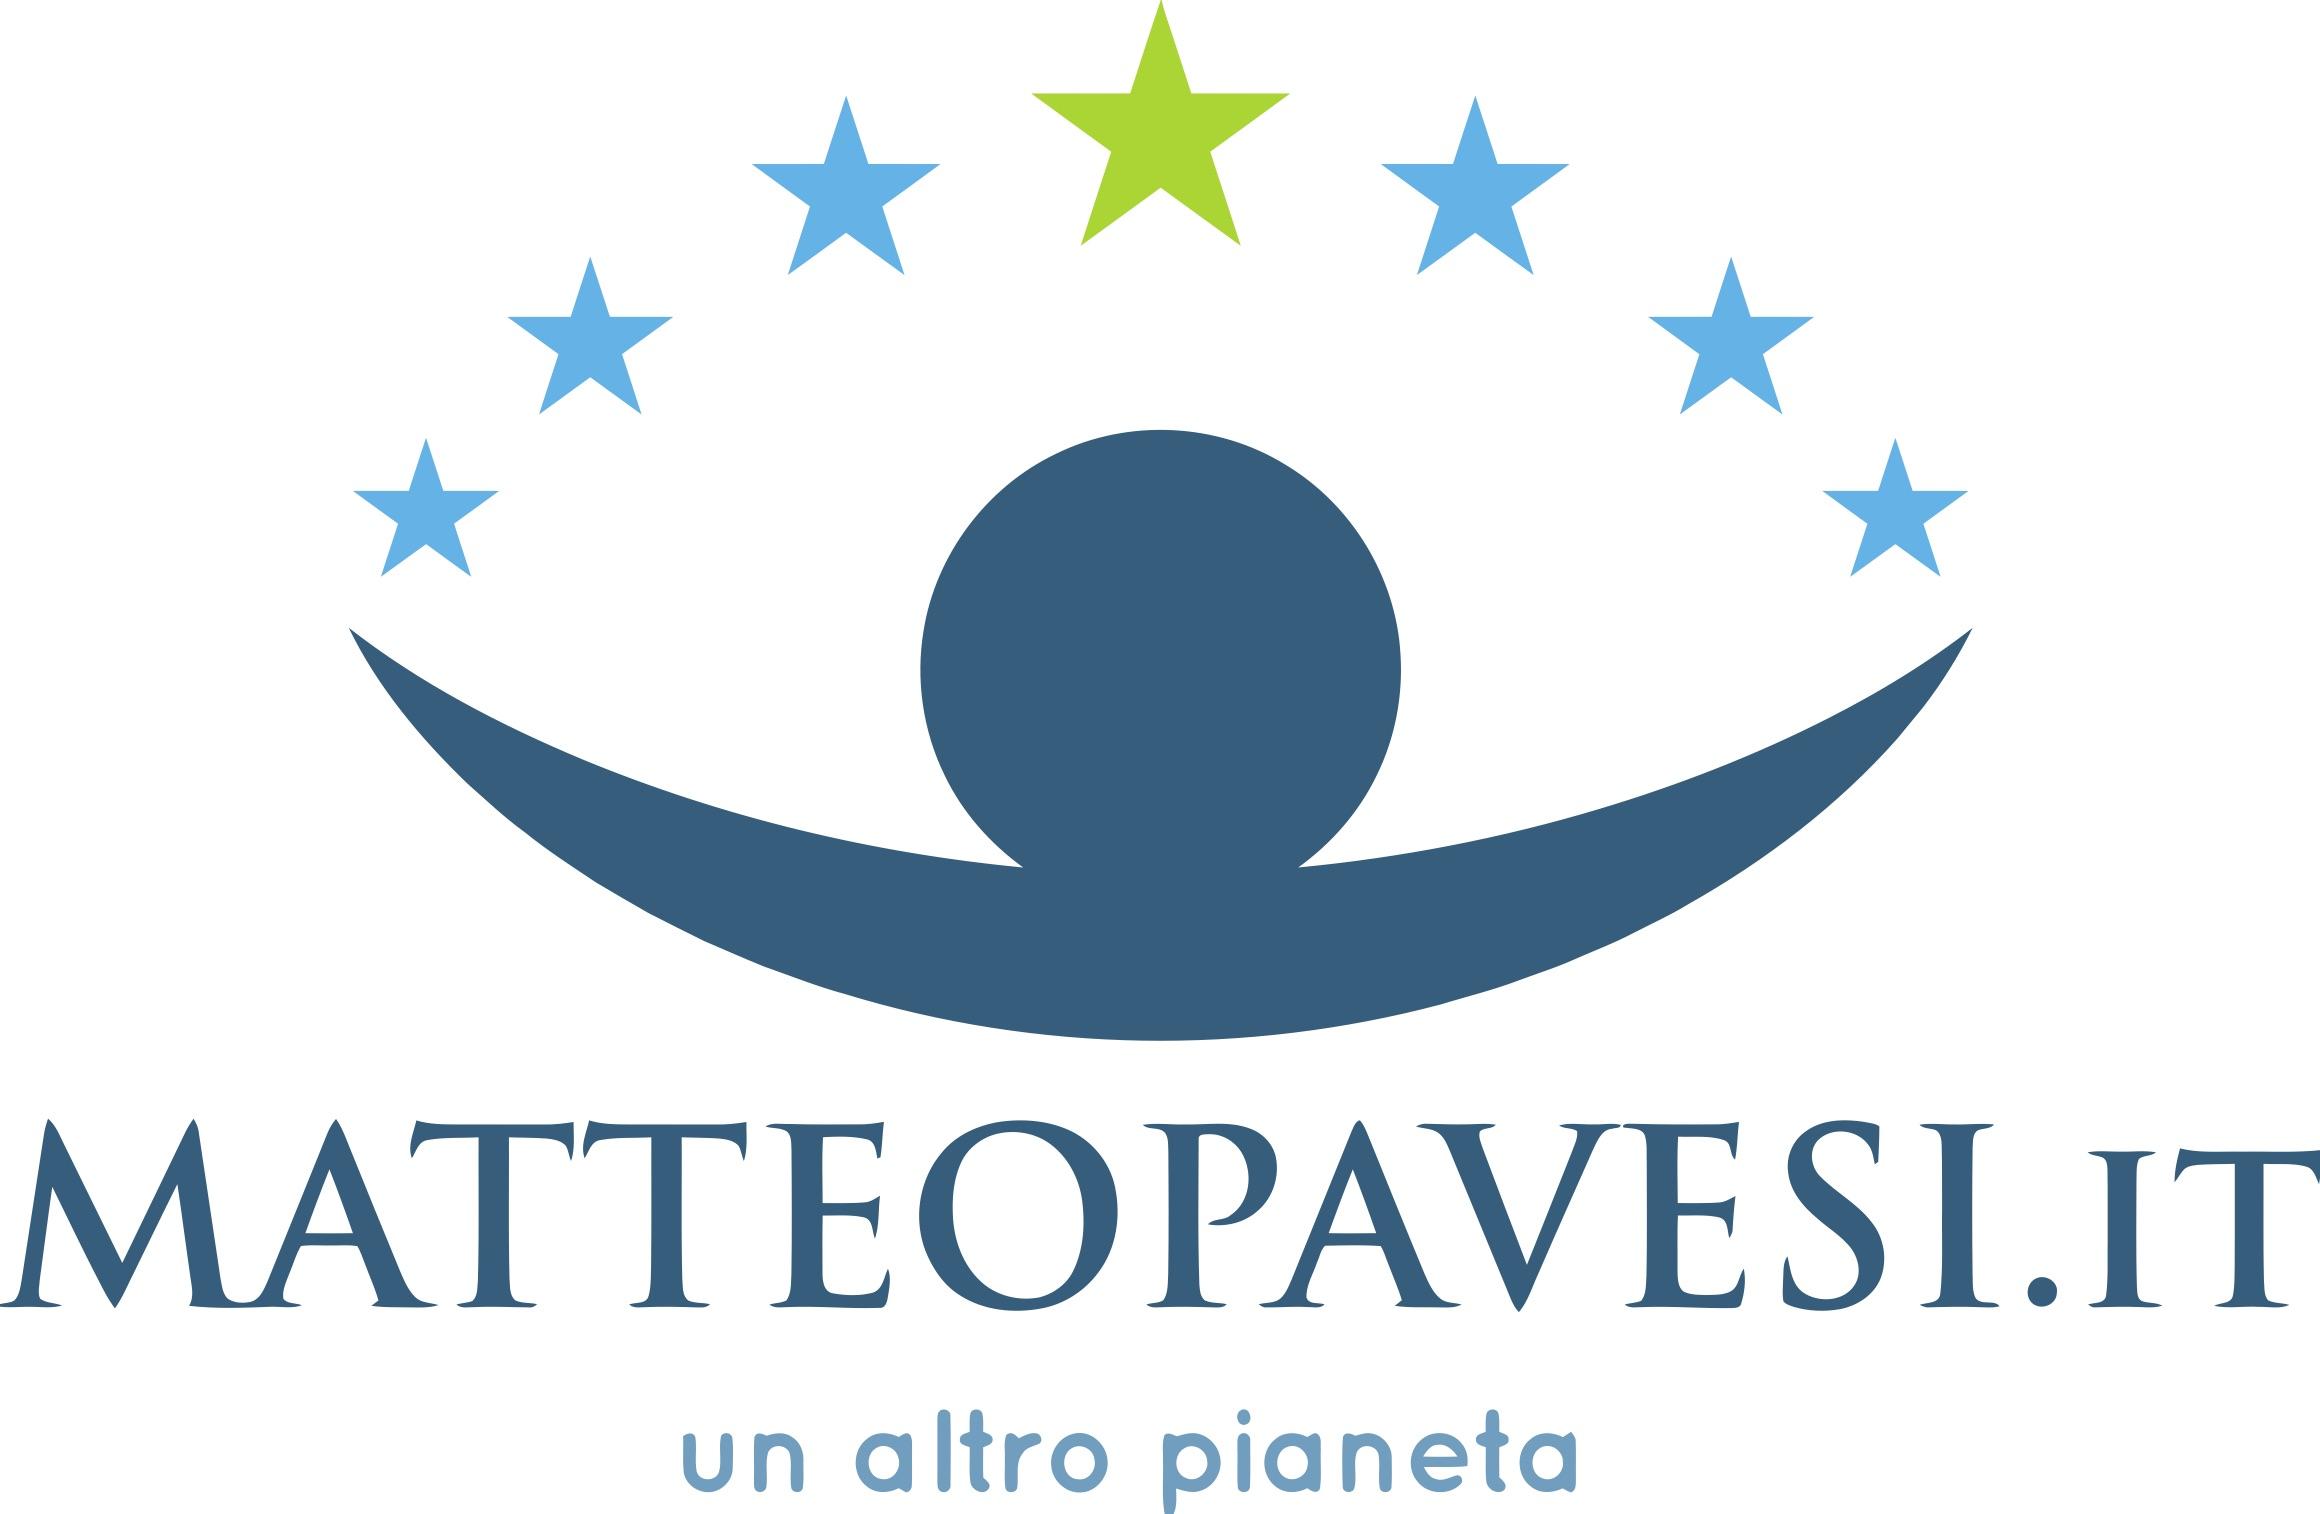 Matteo Pavesi - crescita personale